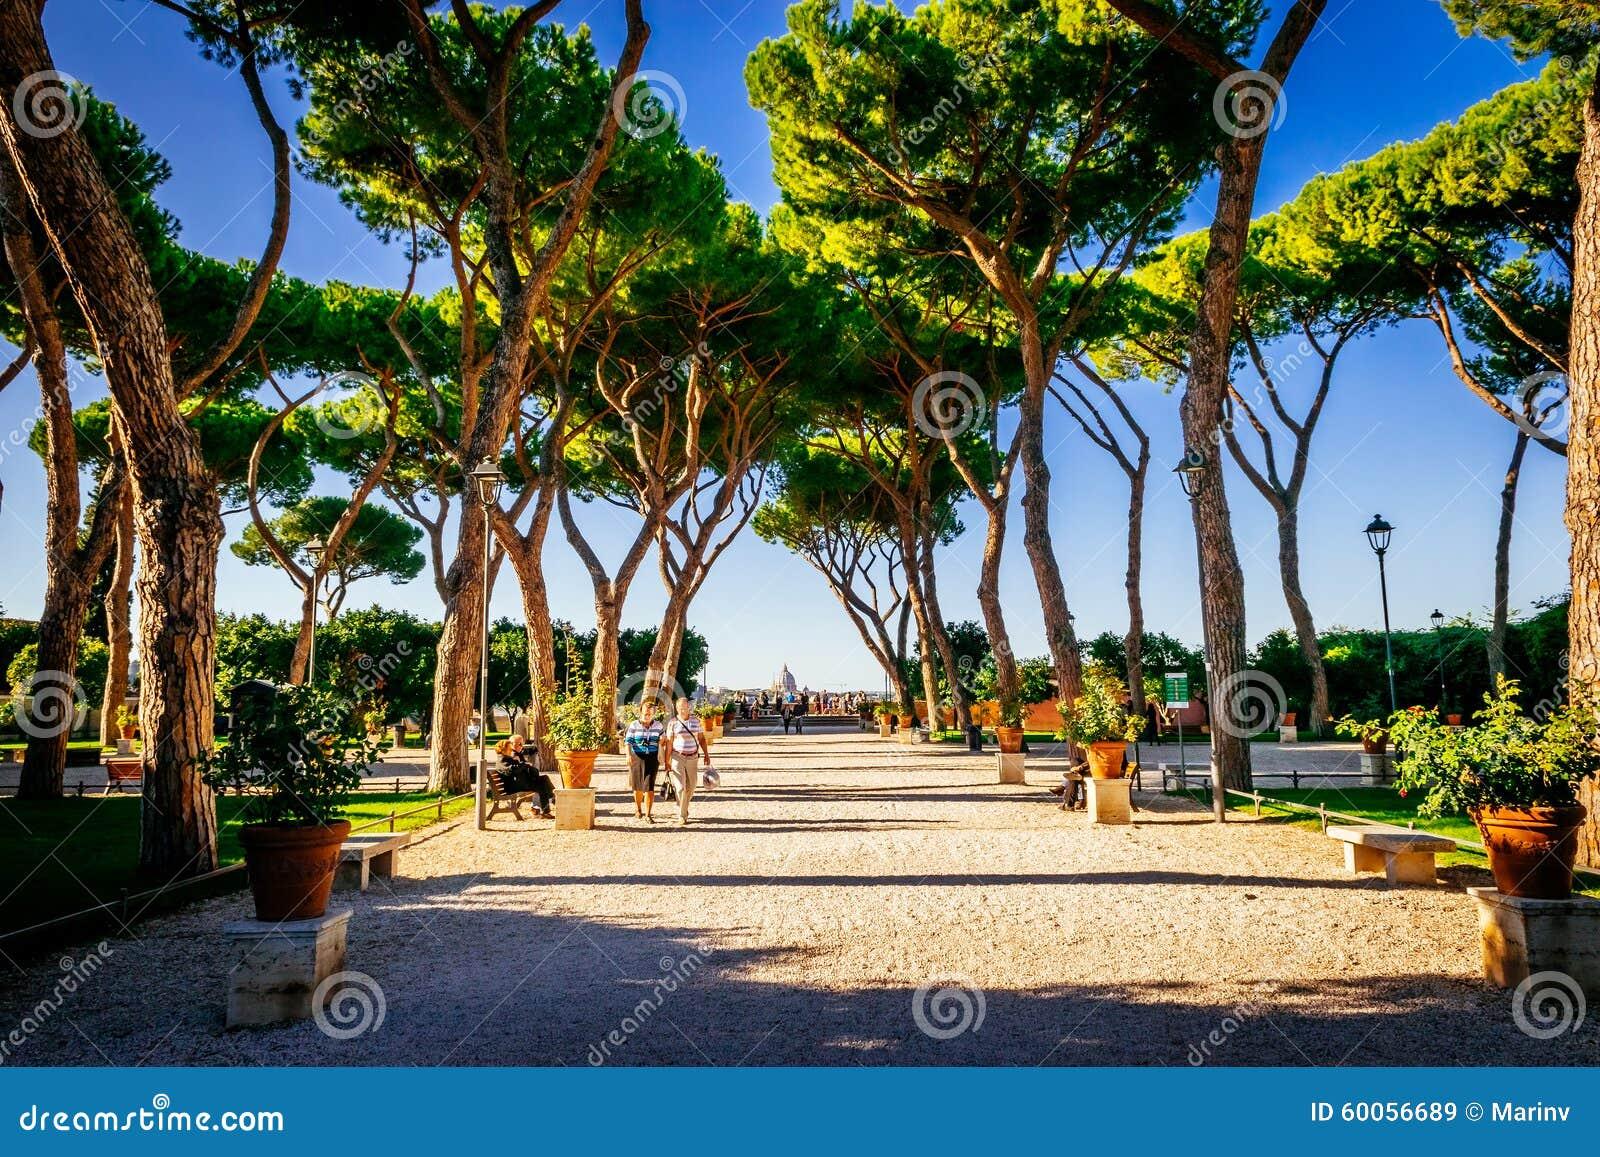 Orange garden giardino degli aranci in rome italy editorial stock image image of holiday - Giardino degli aranci frattamaggiore ...